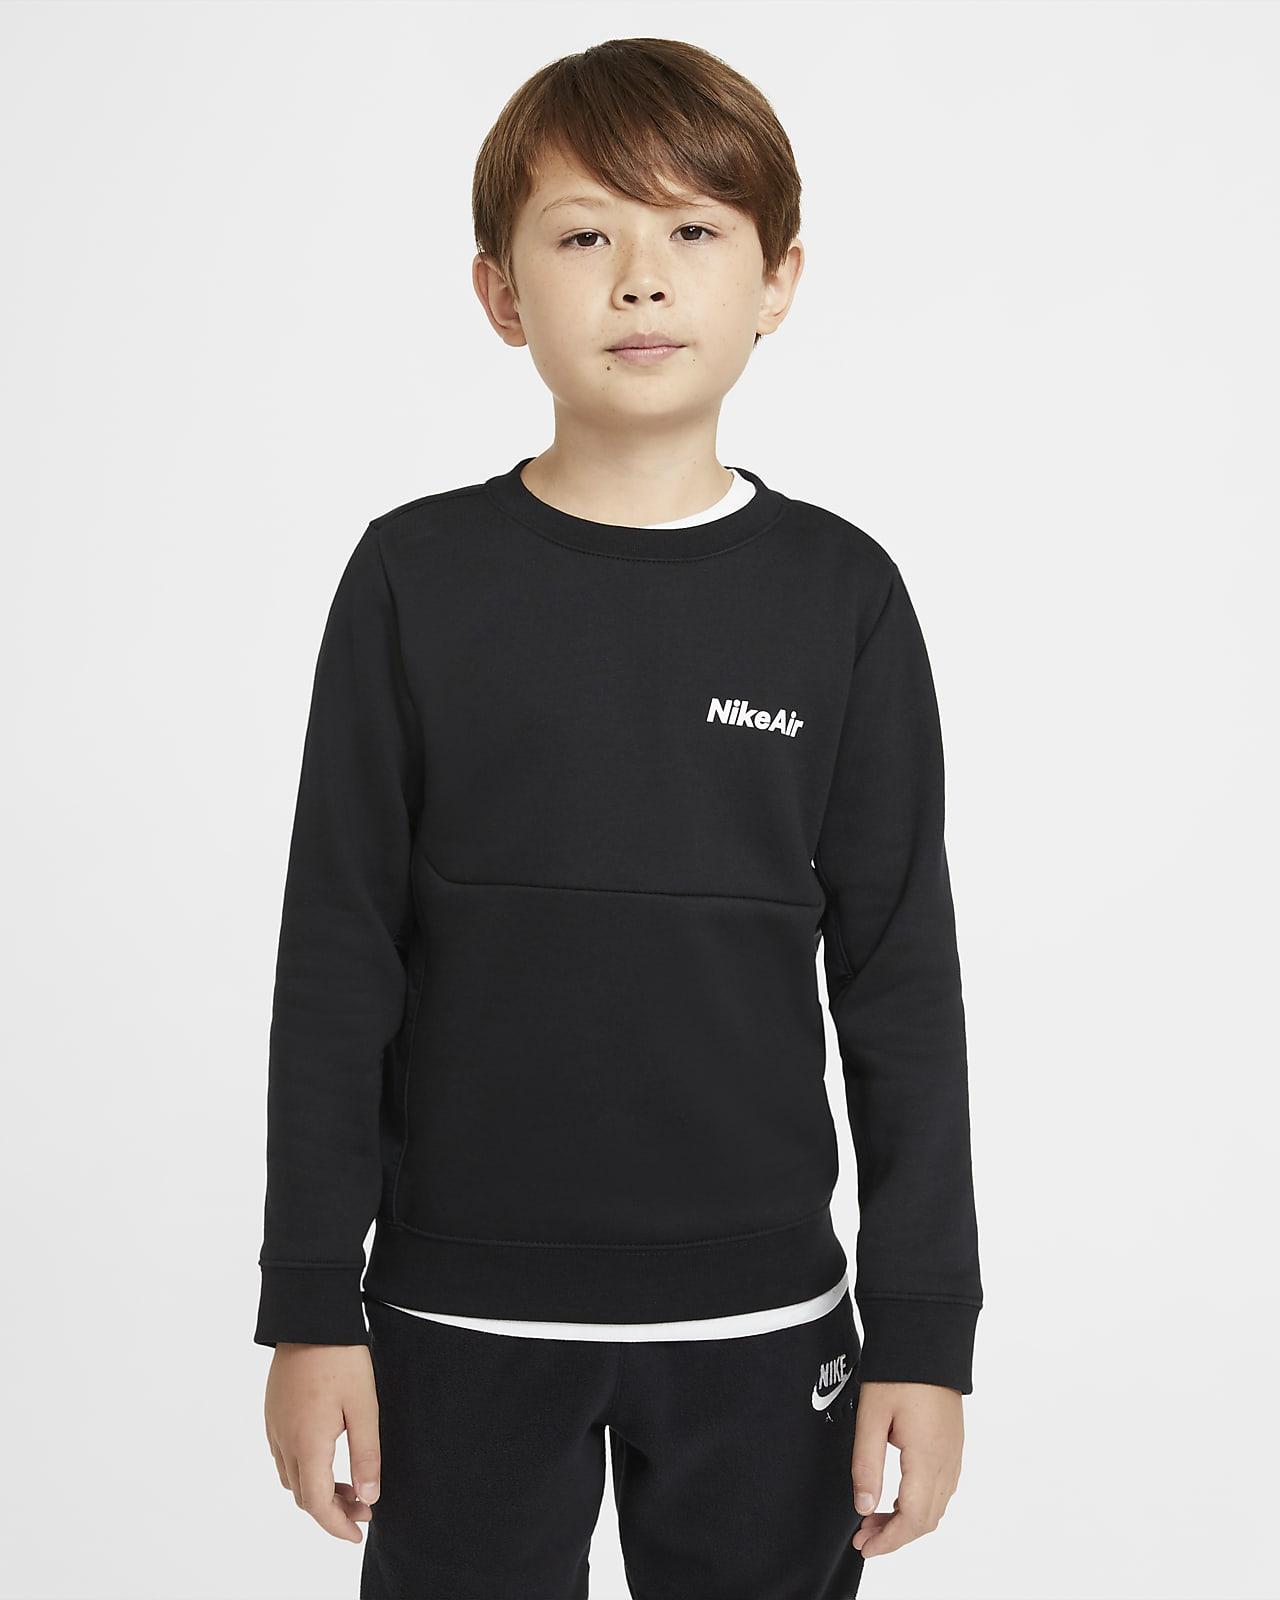 Свитшот с длинным рукавом для мальчиков школьного возраста Nike Air